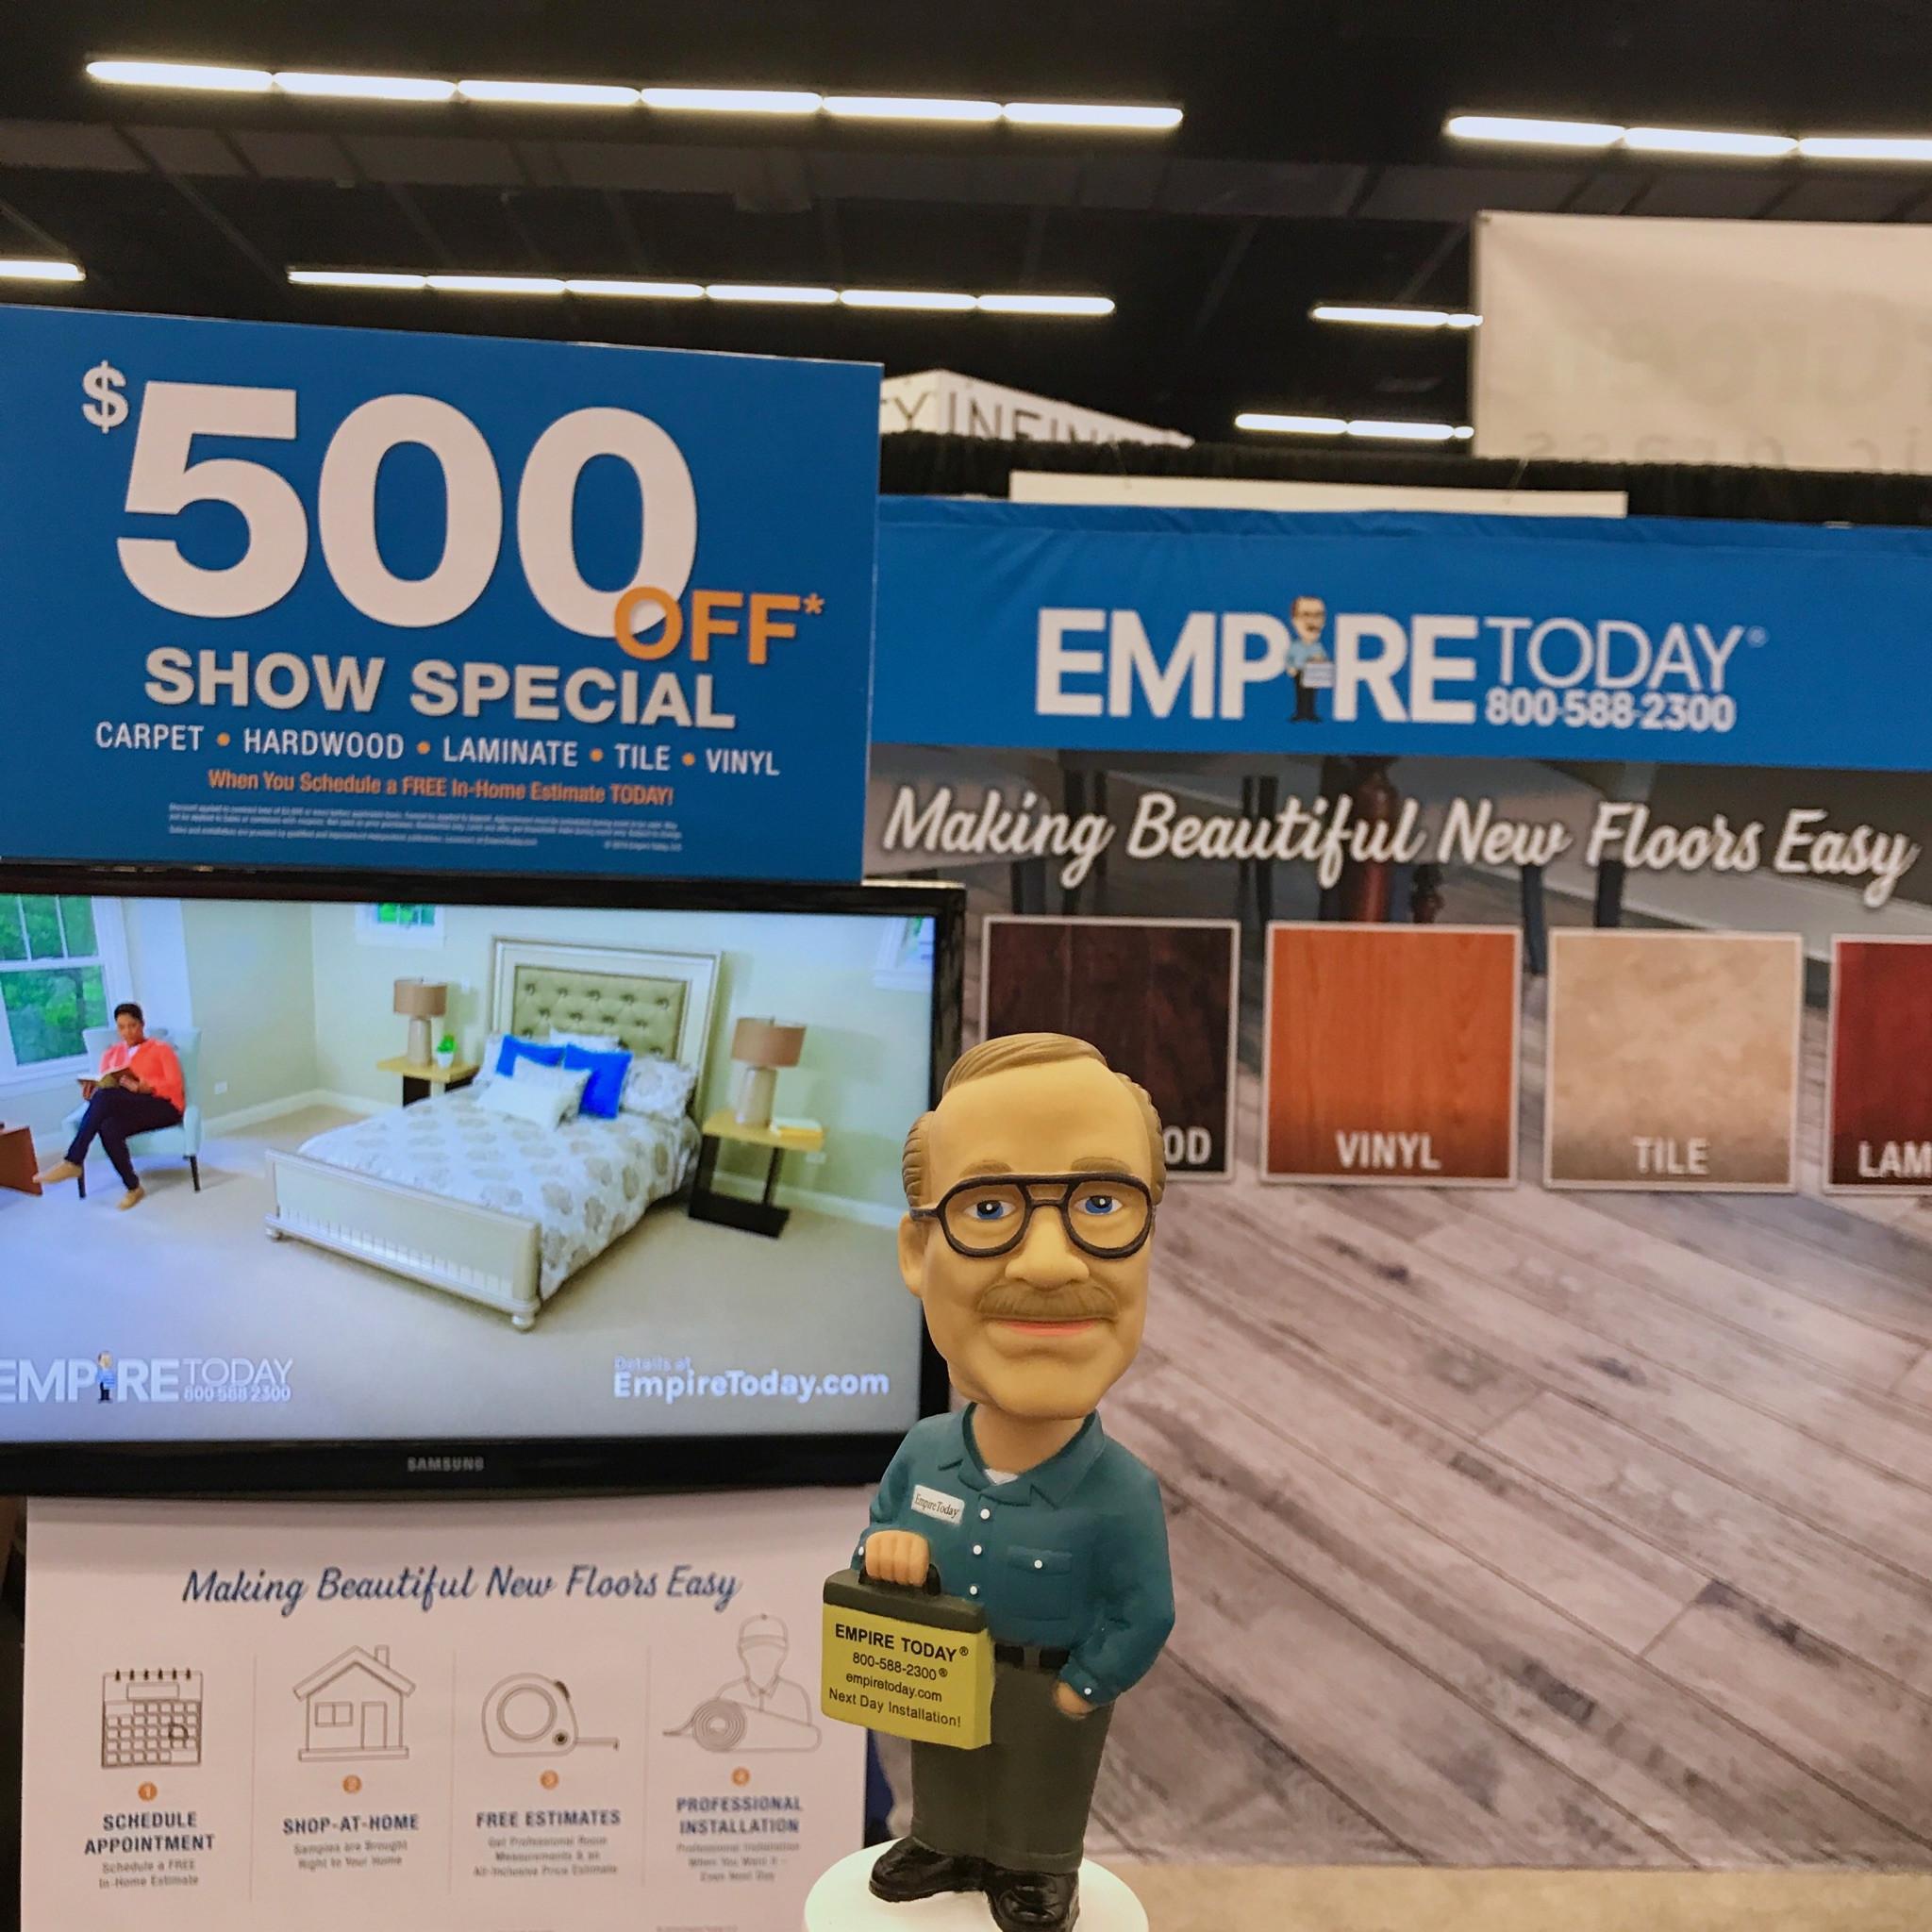 empire carpet and hardwood floors of empire home show 1 empire today blog regarding empire home show 1